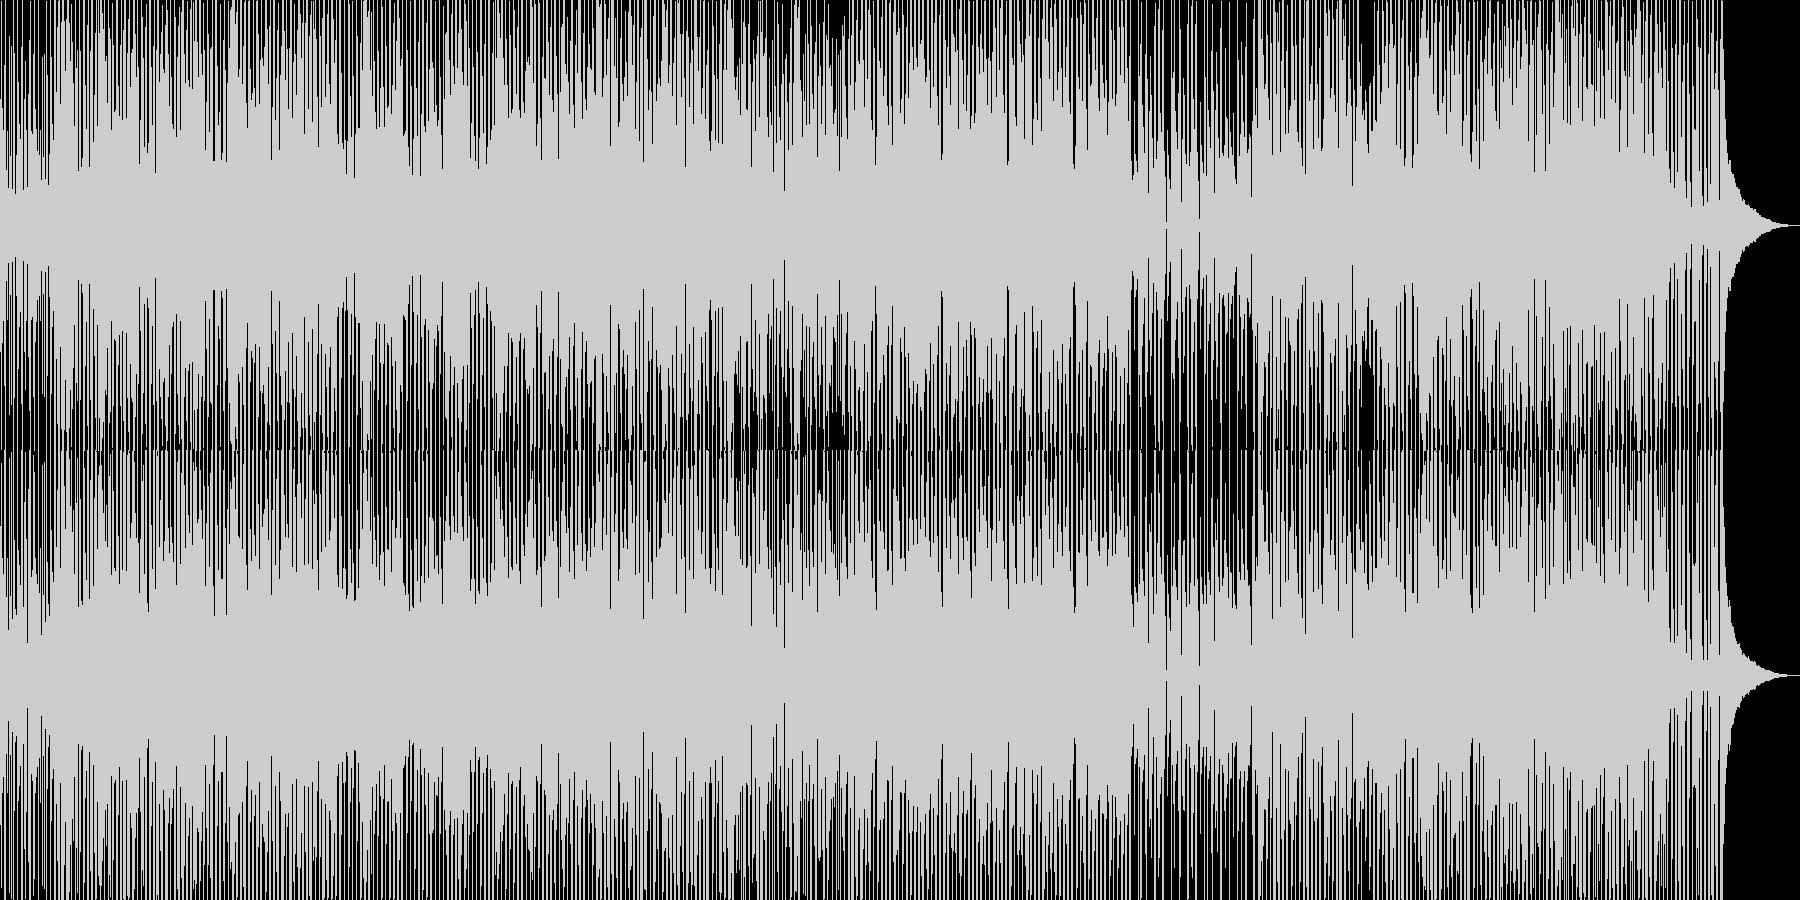 今どきBGM_楽しい_ウクレレ_淡々1の未再生の波形